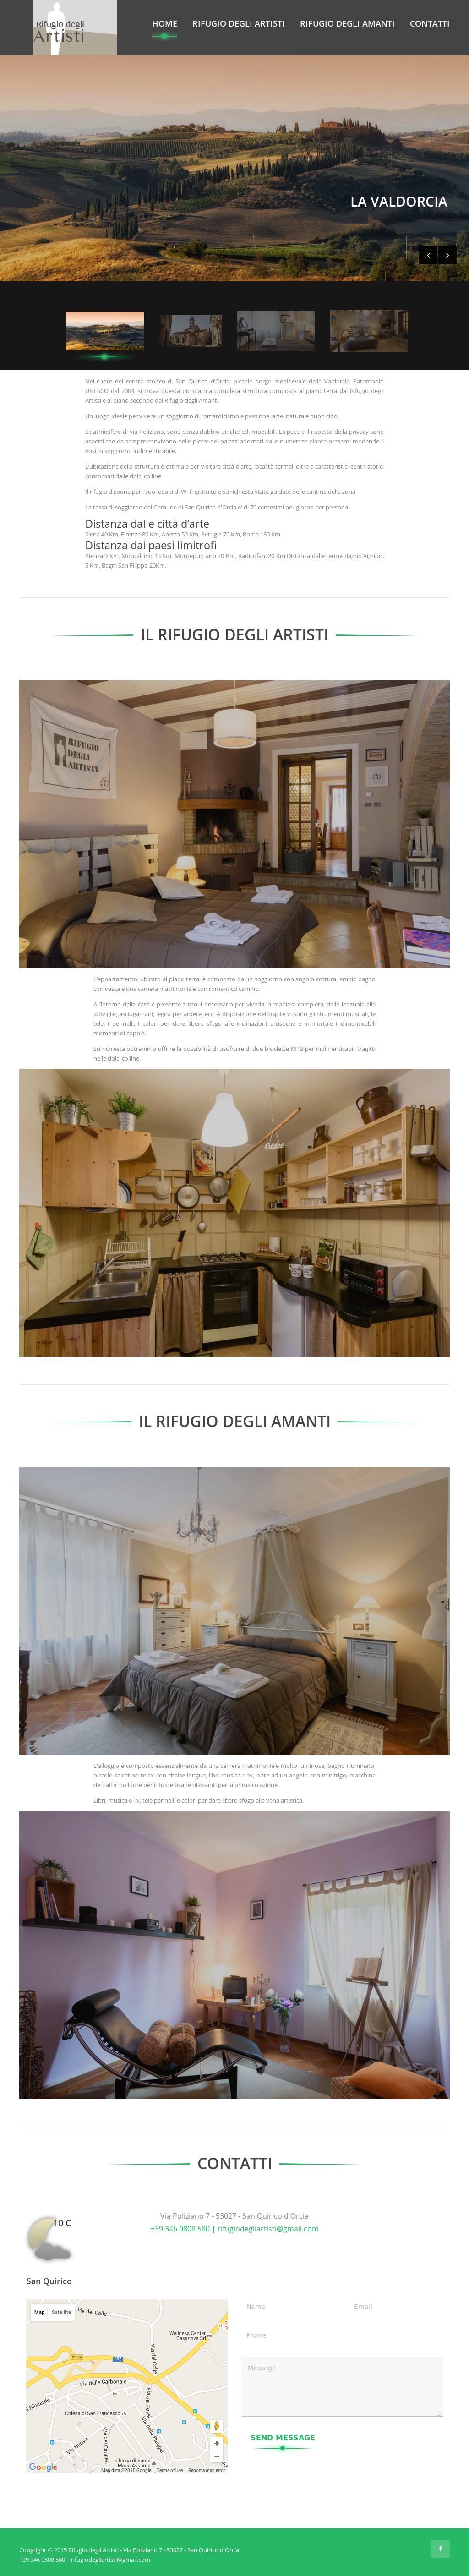 Design Degli Interni Roma rifugio degli artisti competitors, revenue and employees